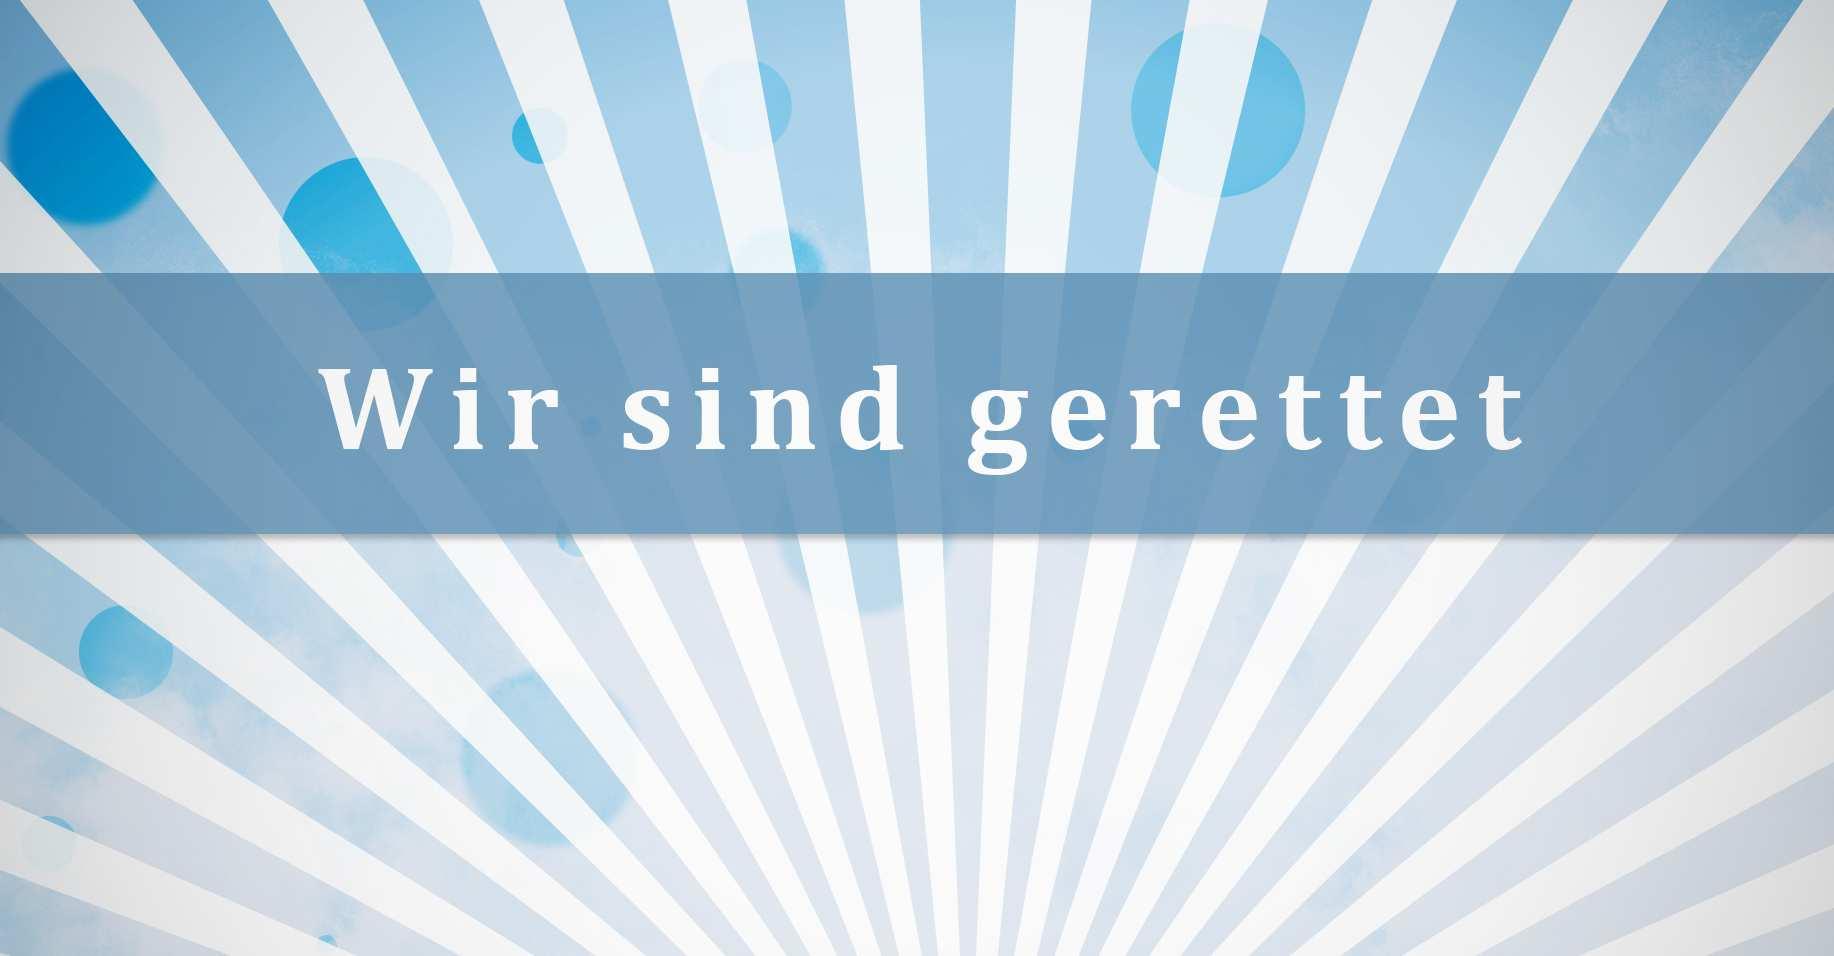 Unterstutzt Die Medizinische Fluchtlingshilfe Medizinische Fluchtlingshilfe Bochum E V Betterplace Org